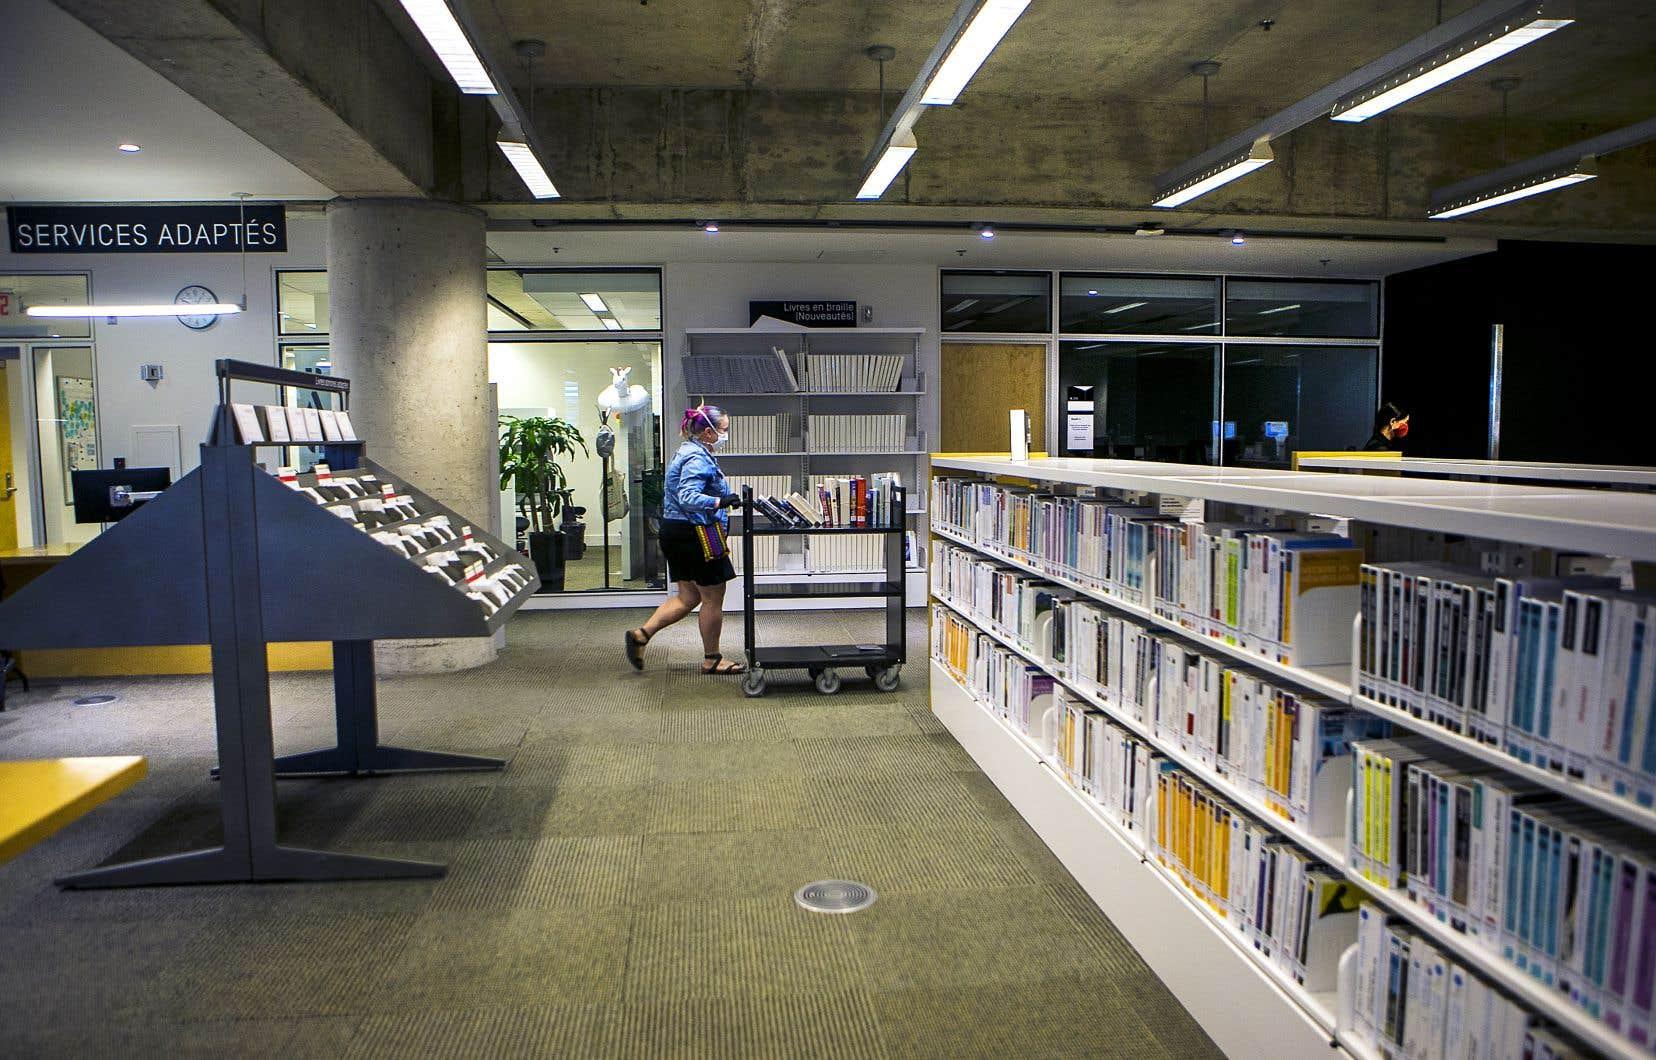 «Une écrasante majorité de bibliothécaires (87%) sur les 263 ayant répondu au questionnaire se dit préoccupée par les